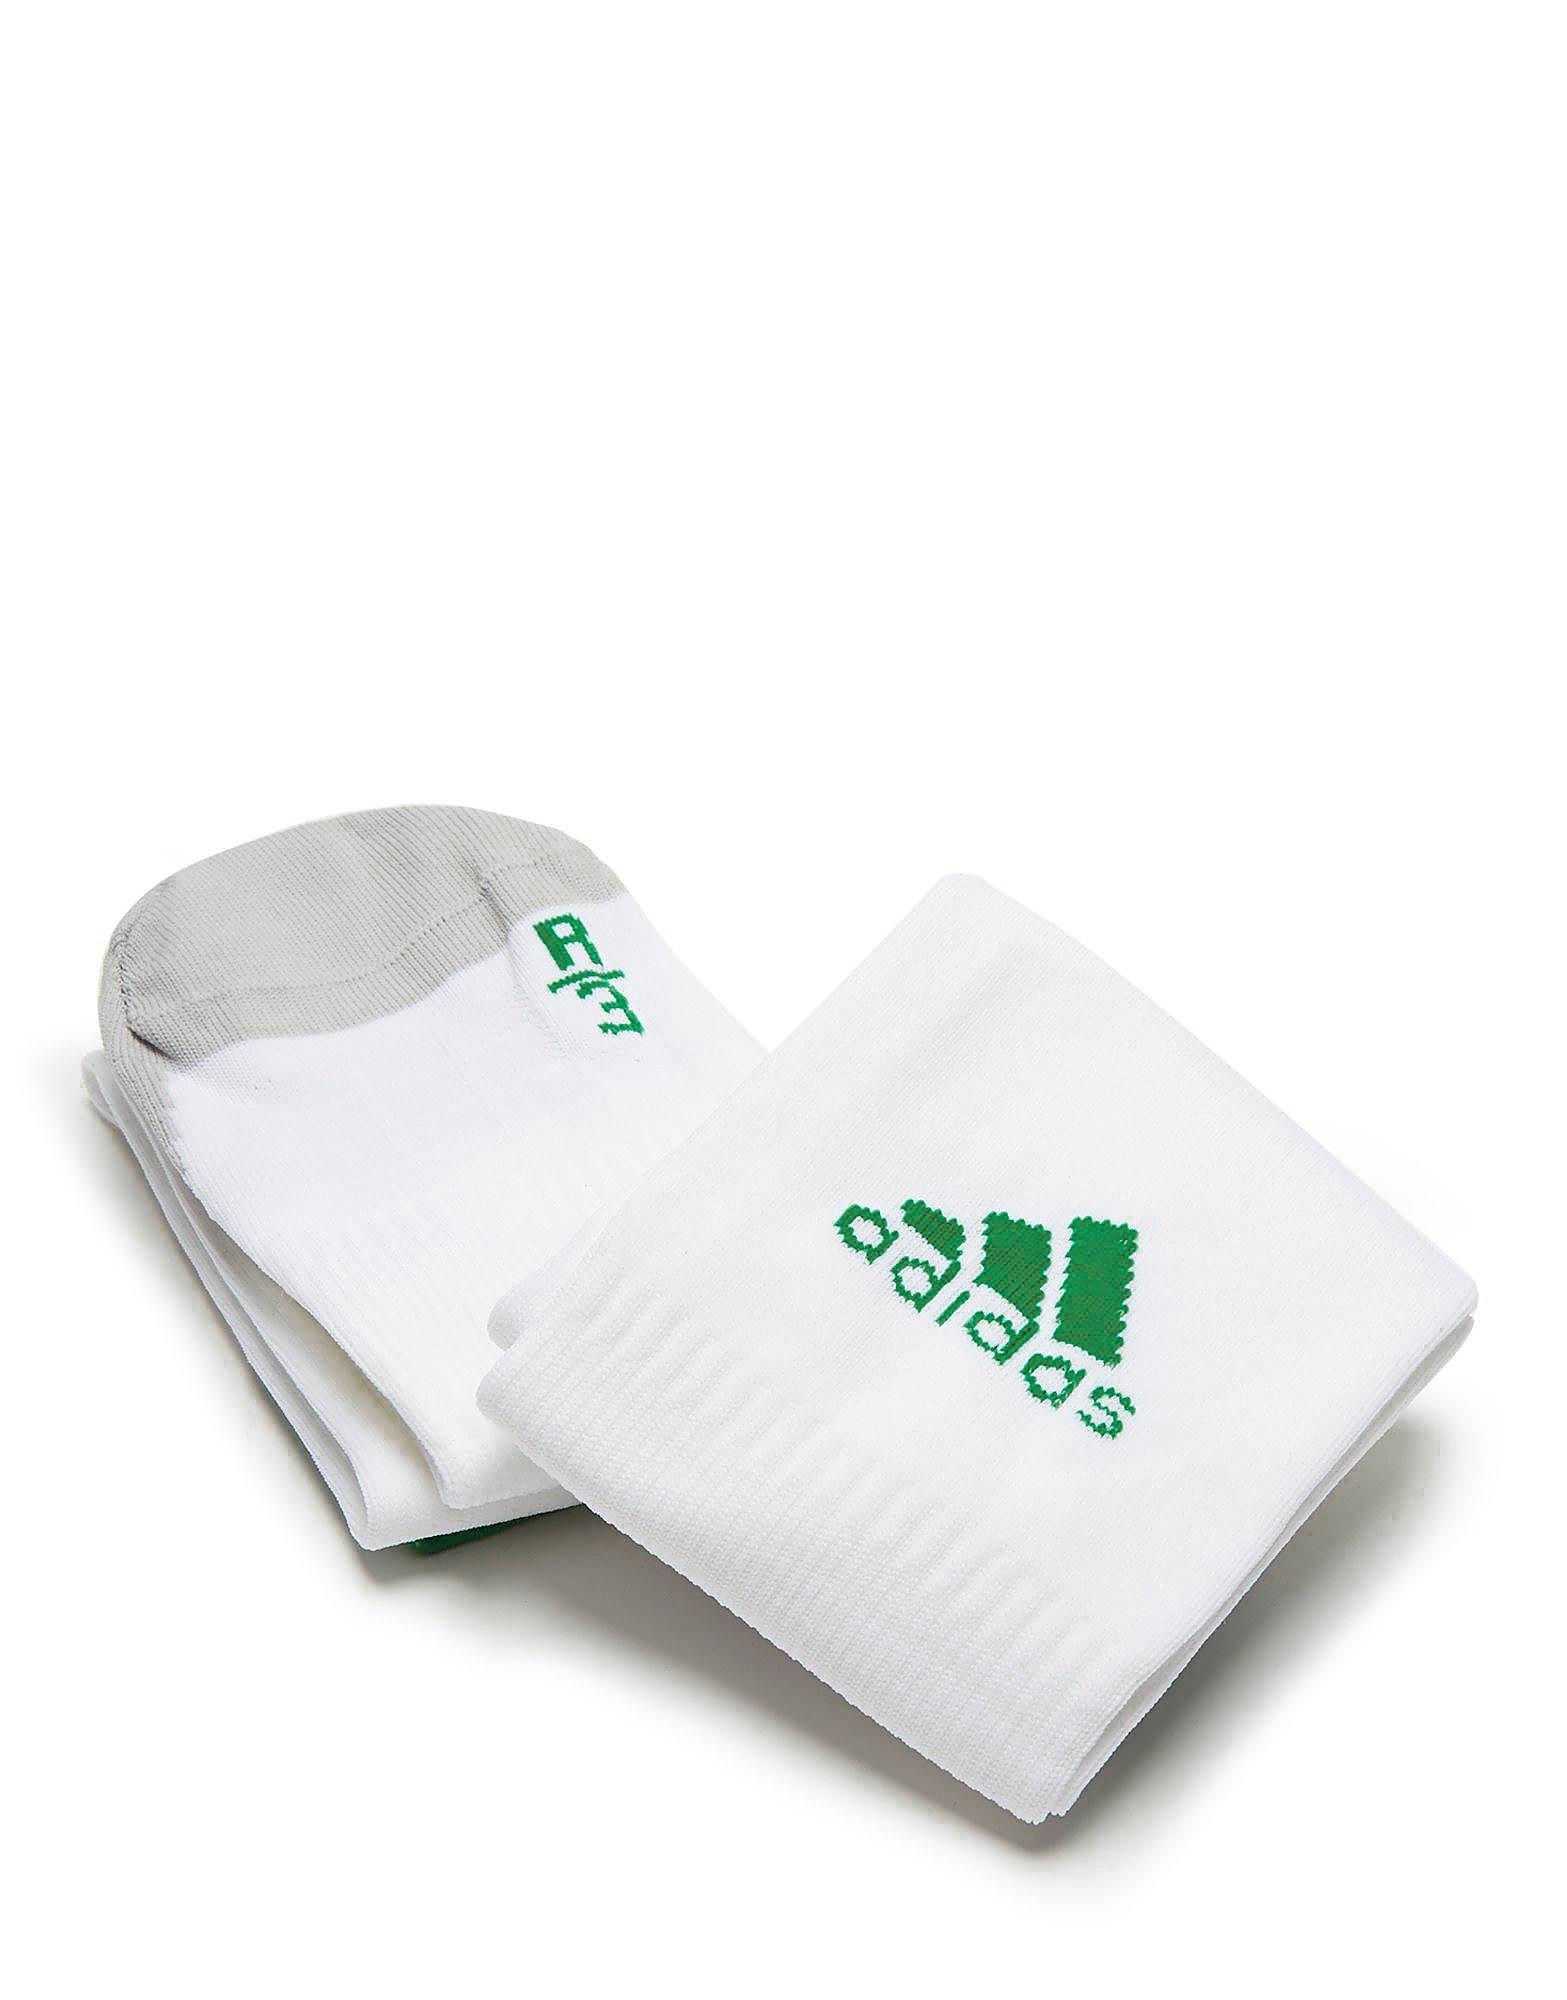 adidas Northern Ireland 2016 Away Socks